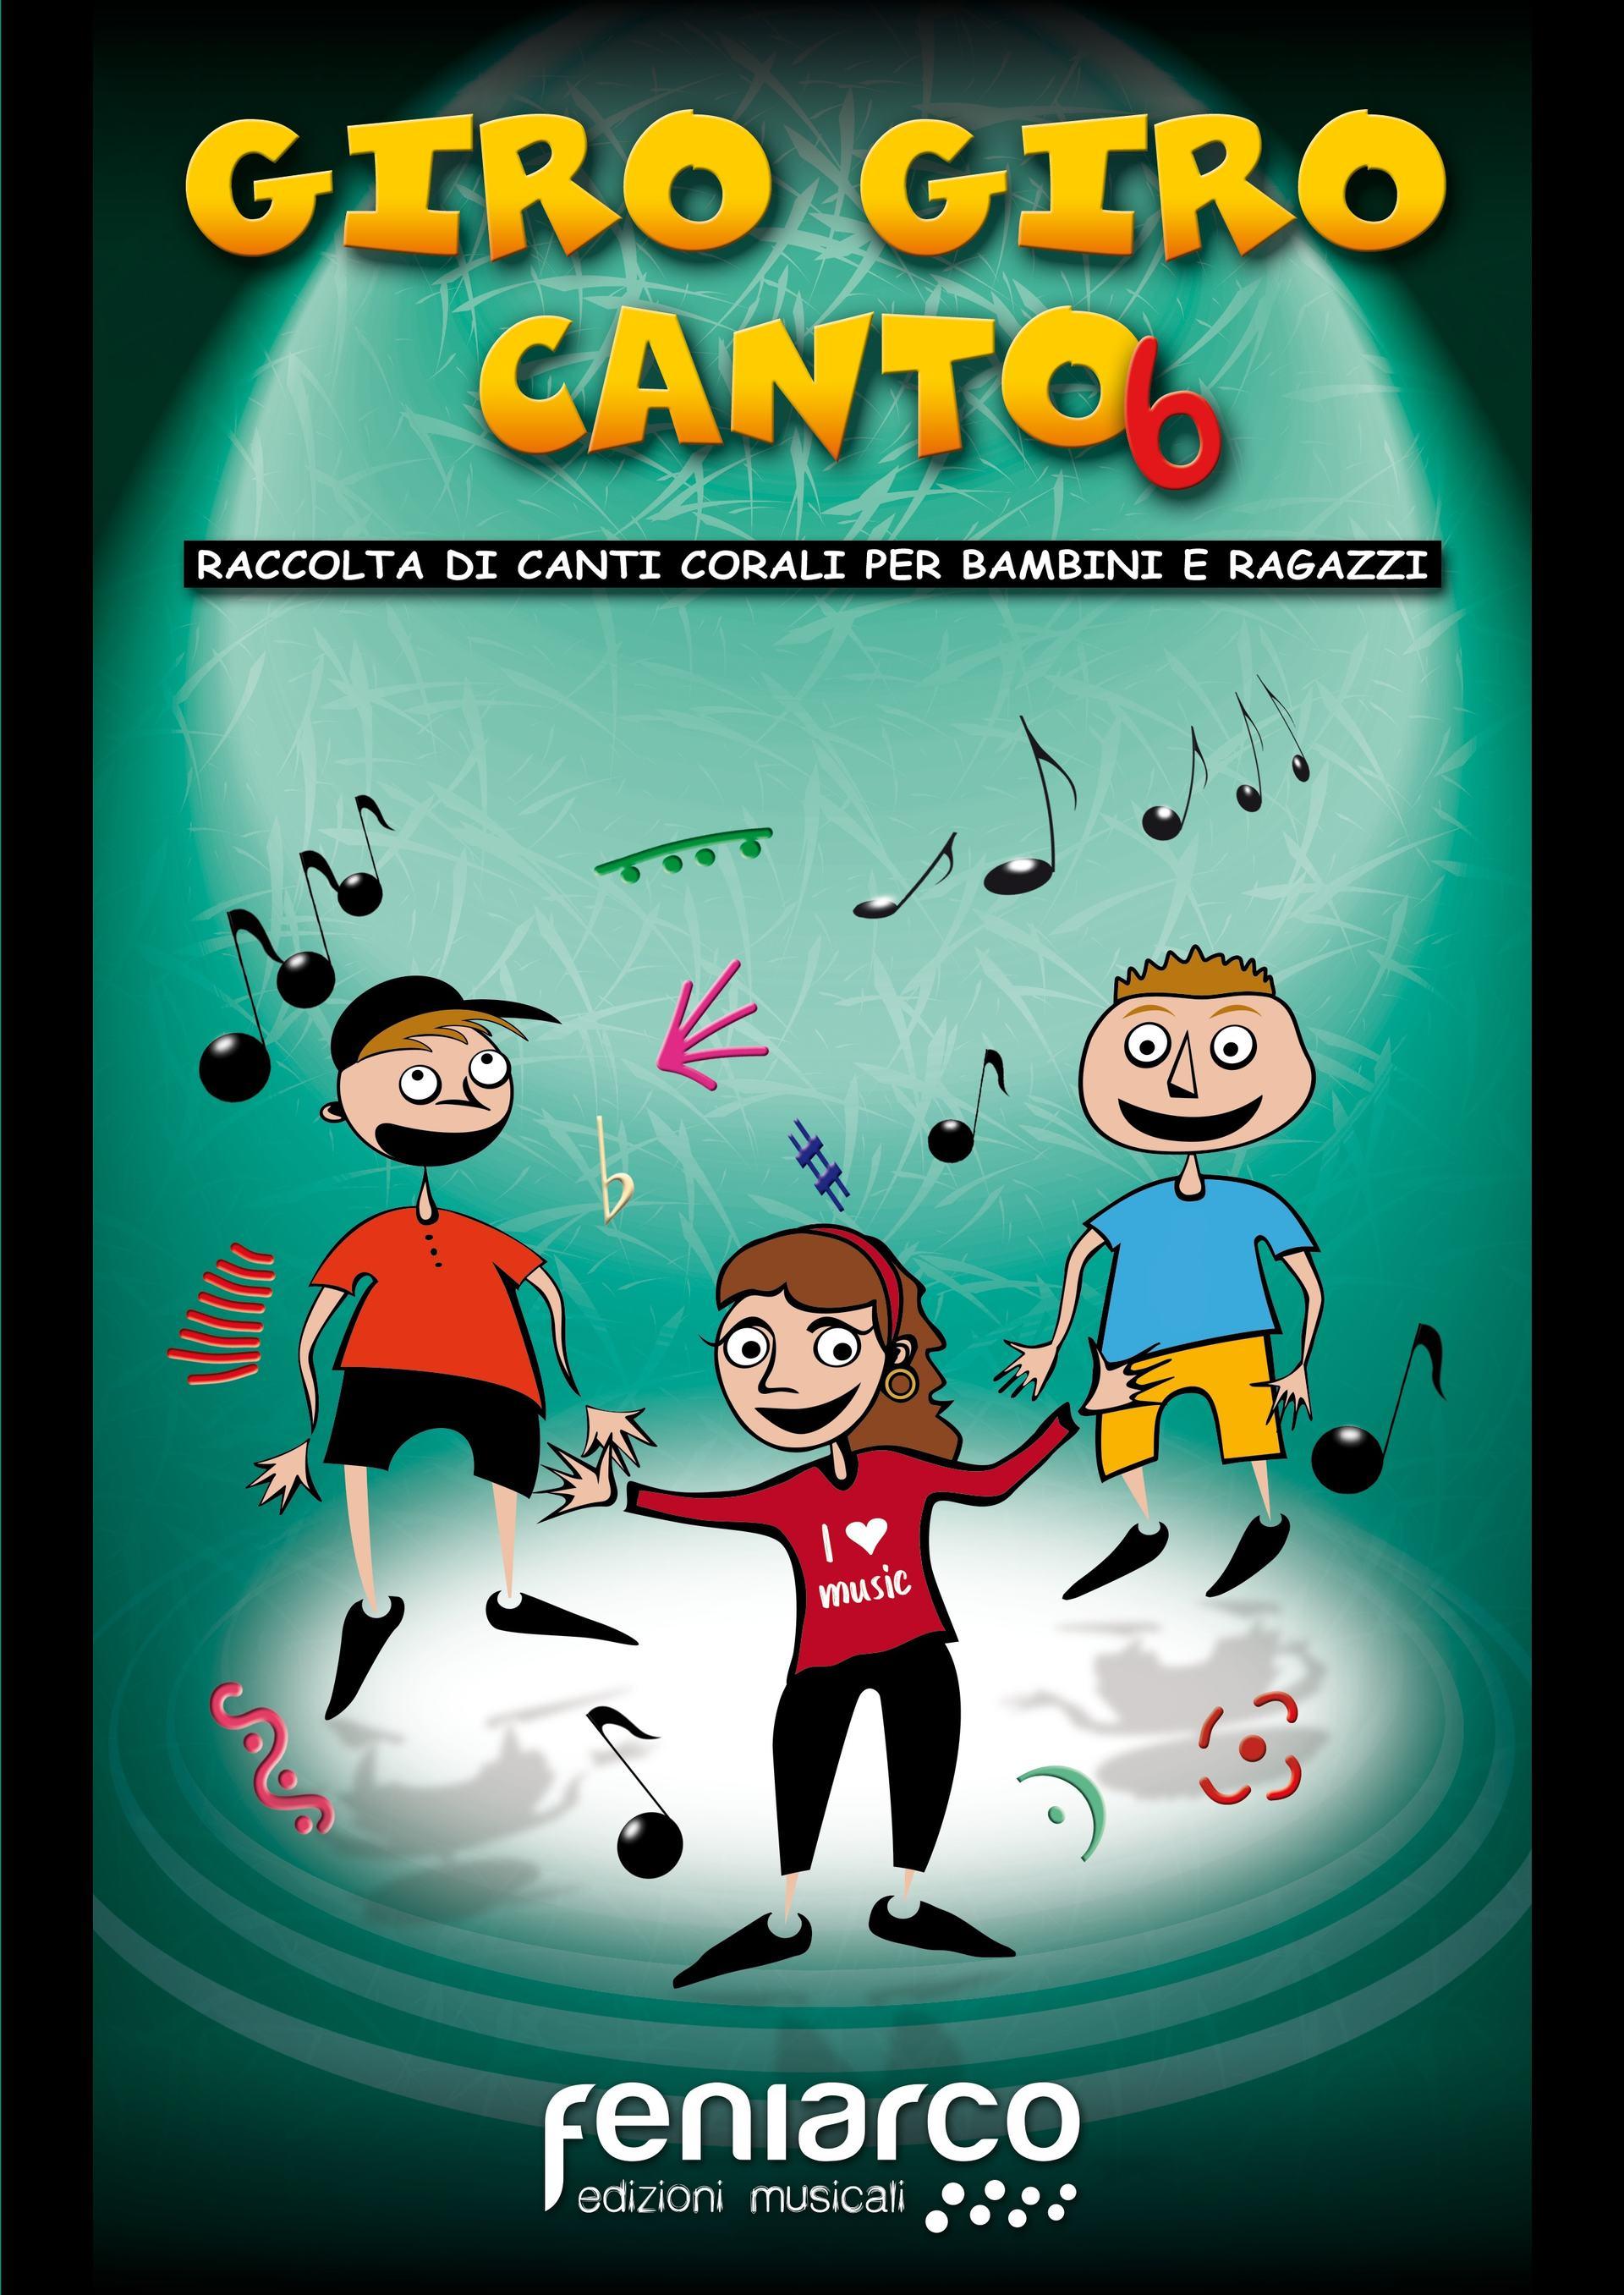 Giro Giro Canto 6 - Feniarco